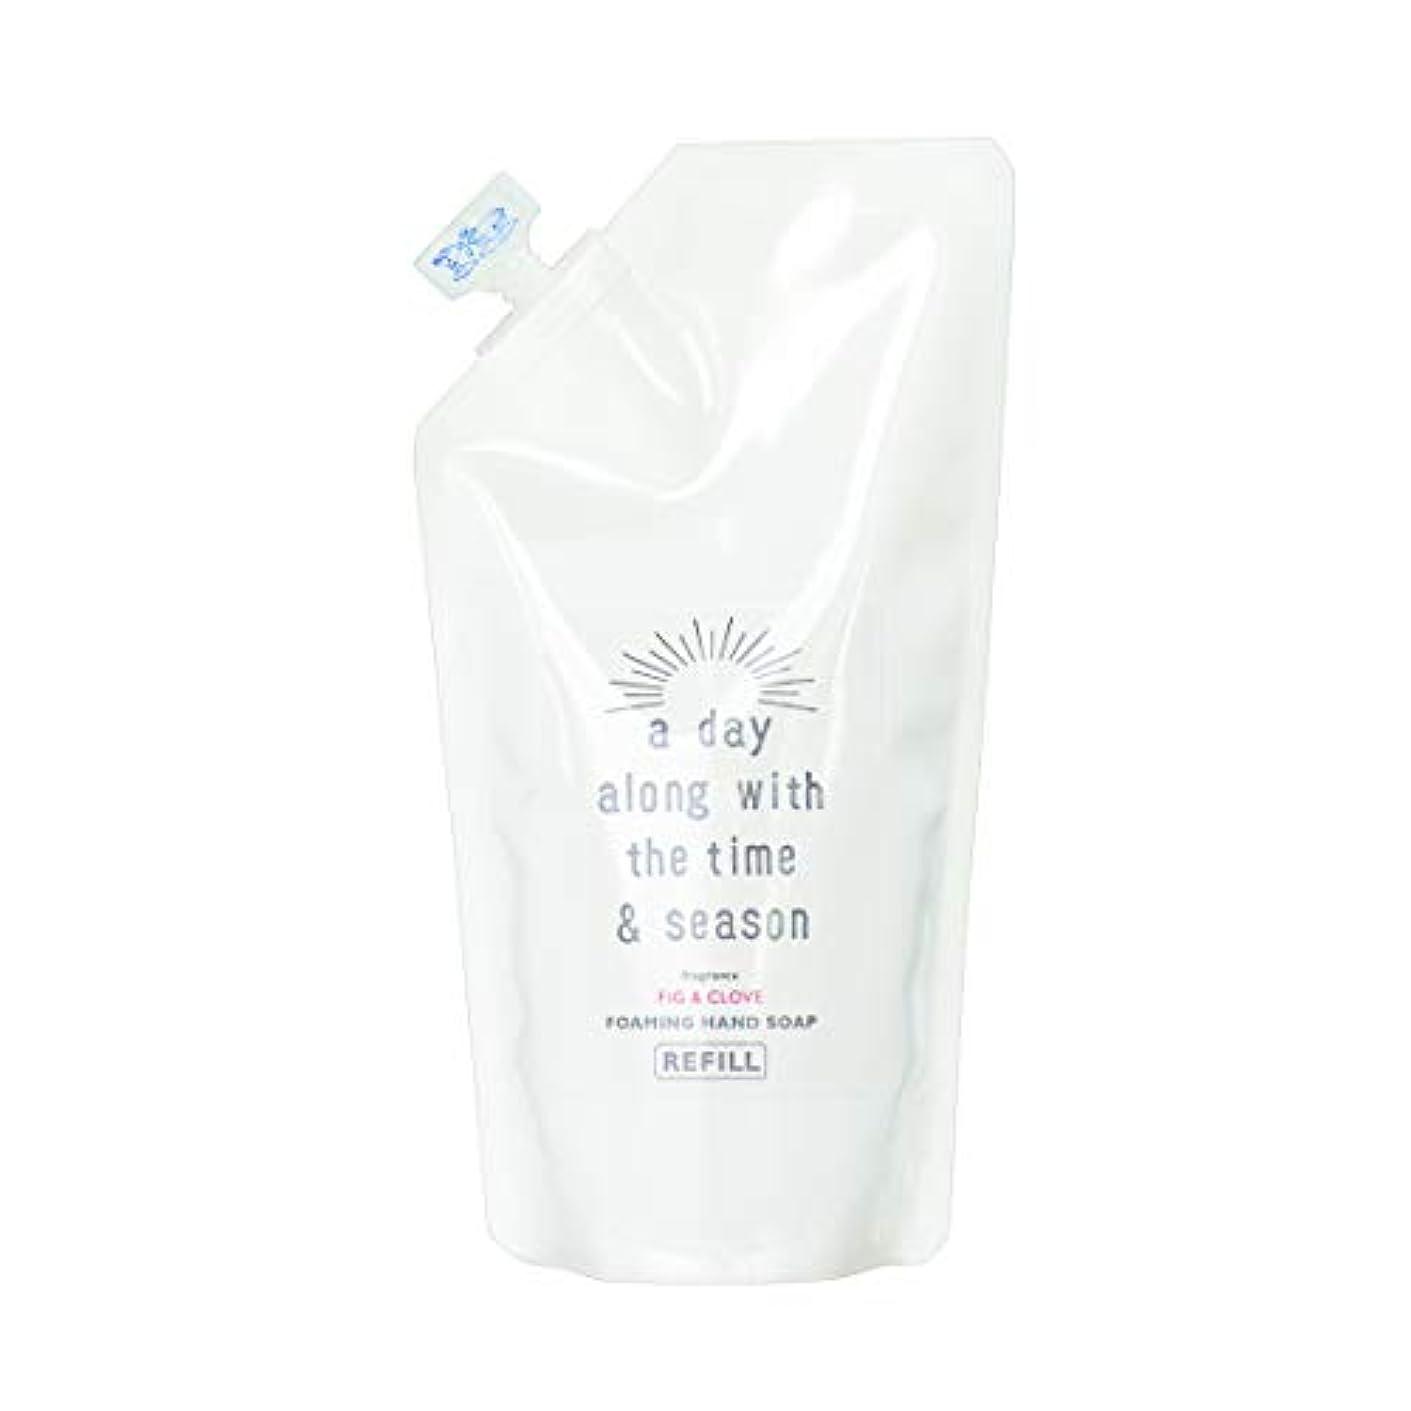 絶対にブレイズモニカアデイ(a day) フォーミングハンドソープリフィル フィグ&クローブ 300ml(2回分)(手洗い用 天然由来 詰め替え用 個性的でフルーティーなフィグにオリエンタルなクローブを組み合わせた香り)